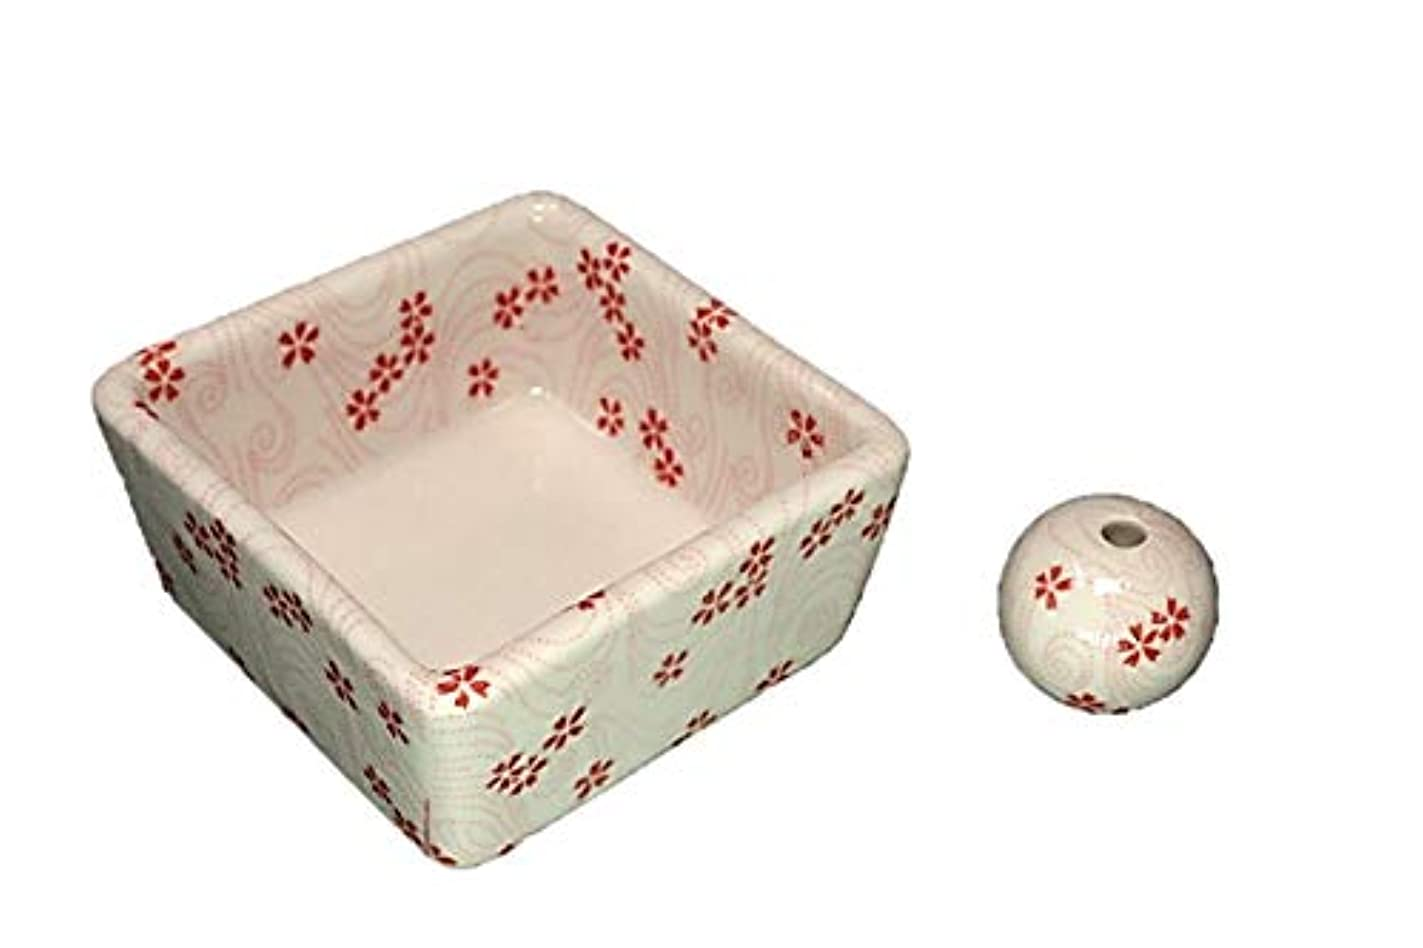 攻撃的疑い者慣れている和モダン 桜渦 お香立て 陶器 角鉢 製造直売品